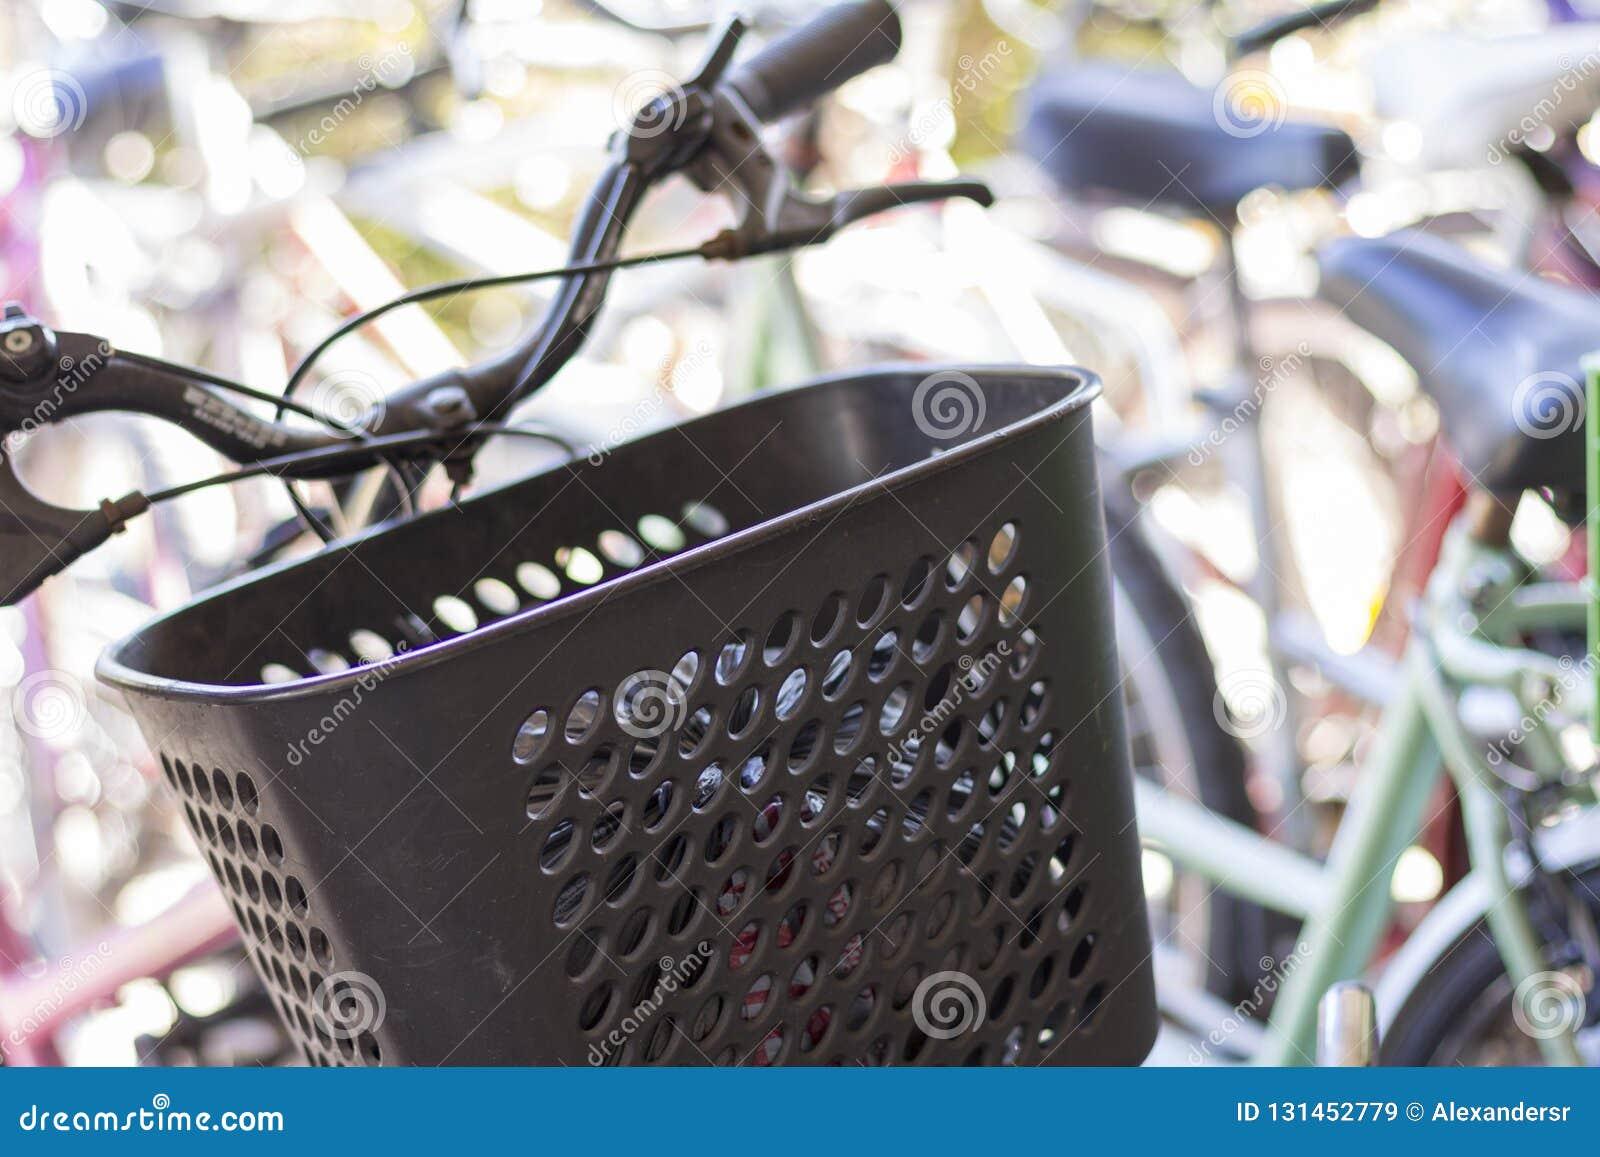 État de Tigre Buenos Aires/Argentine 06/17/2014 Groupe de bicyclettes dans Tigre Buenos Aires Argentine